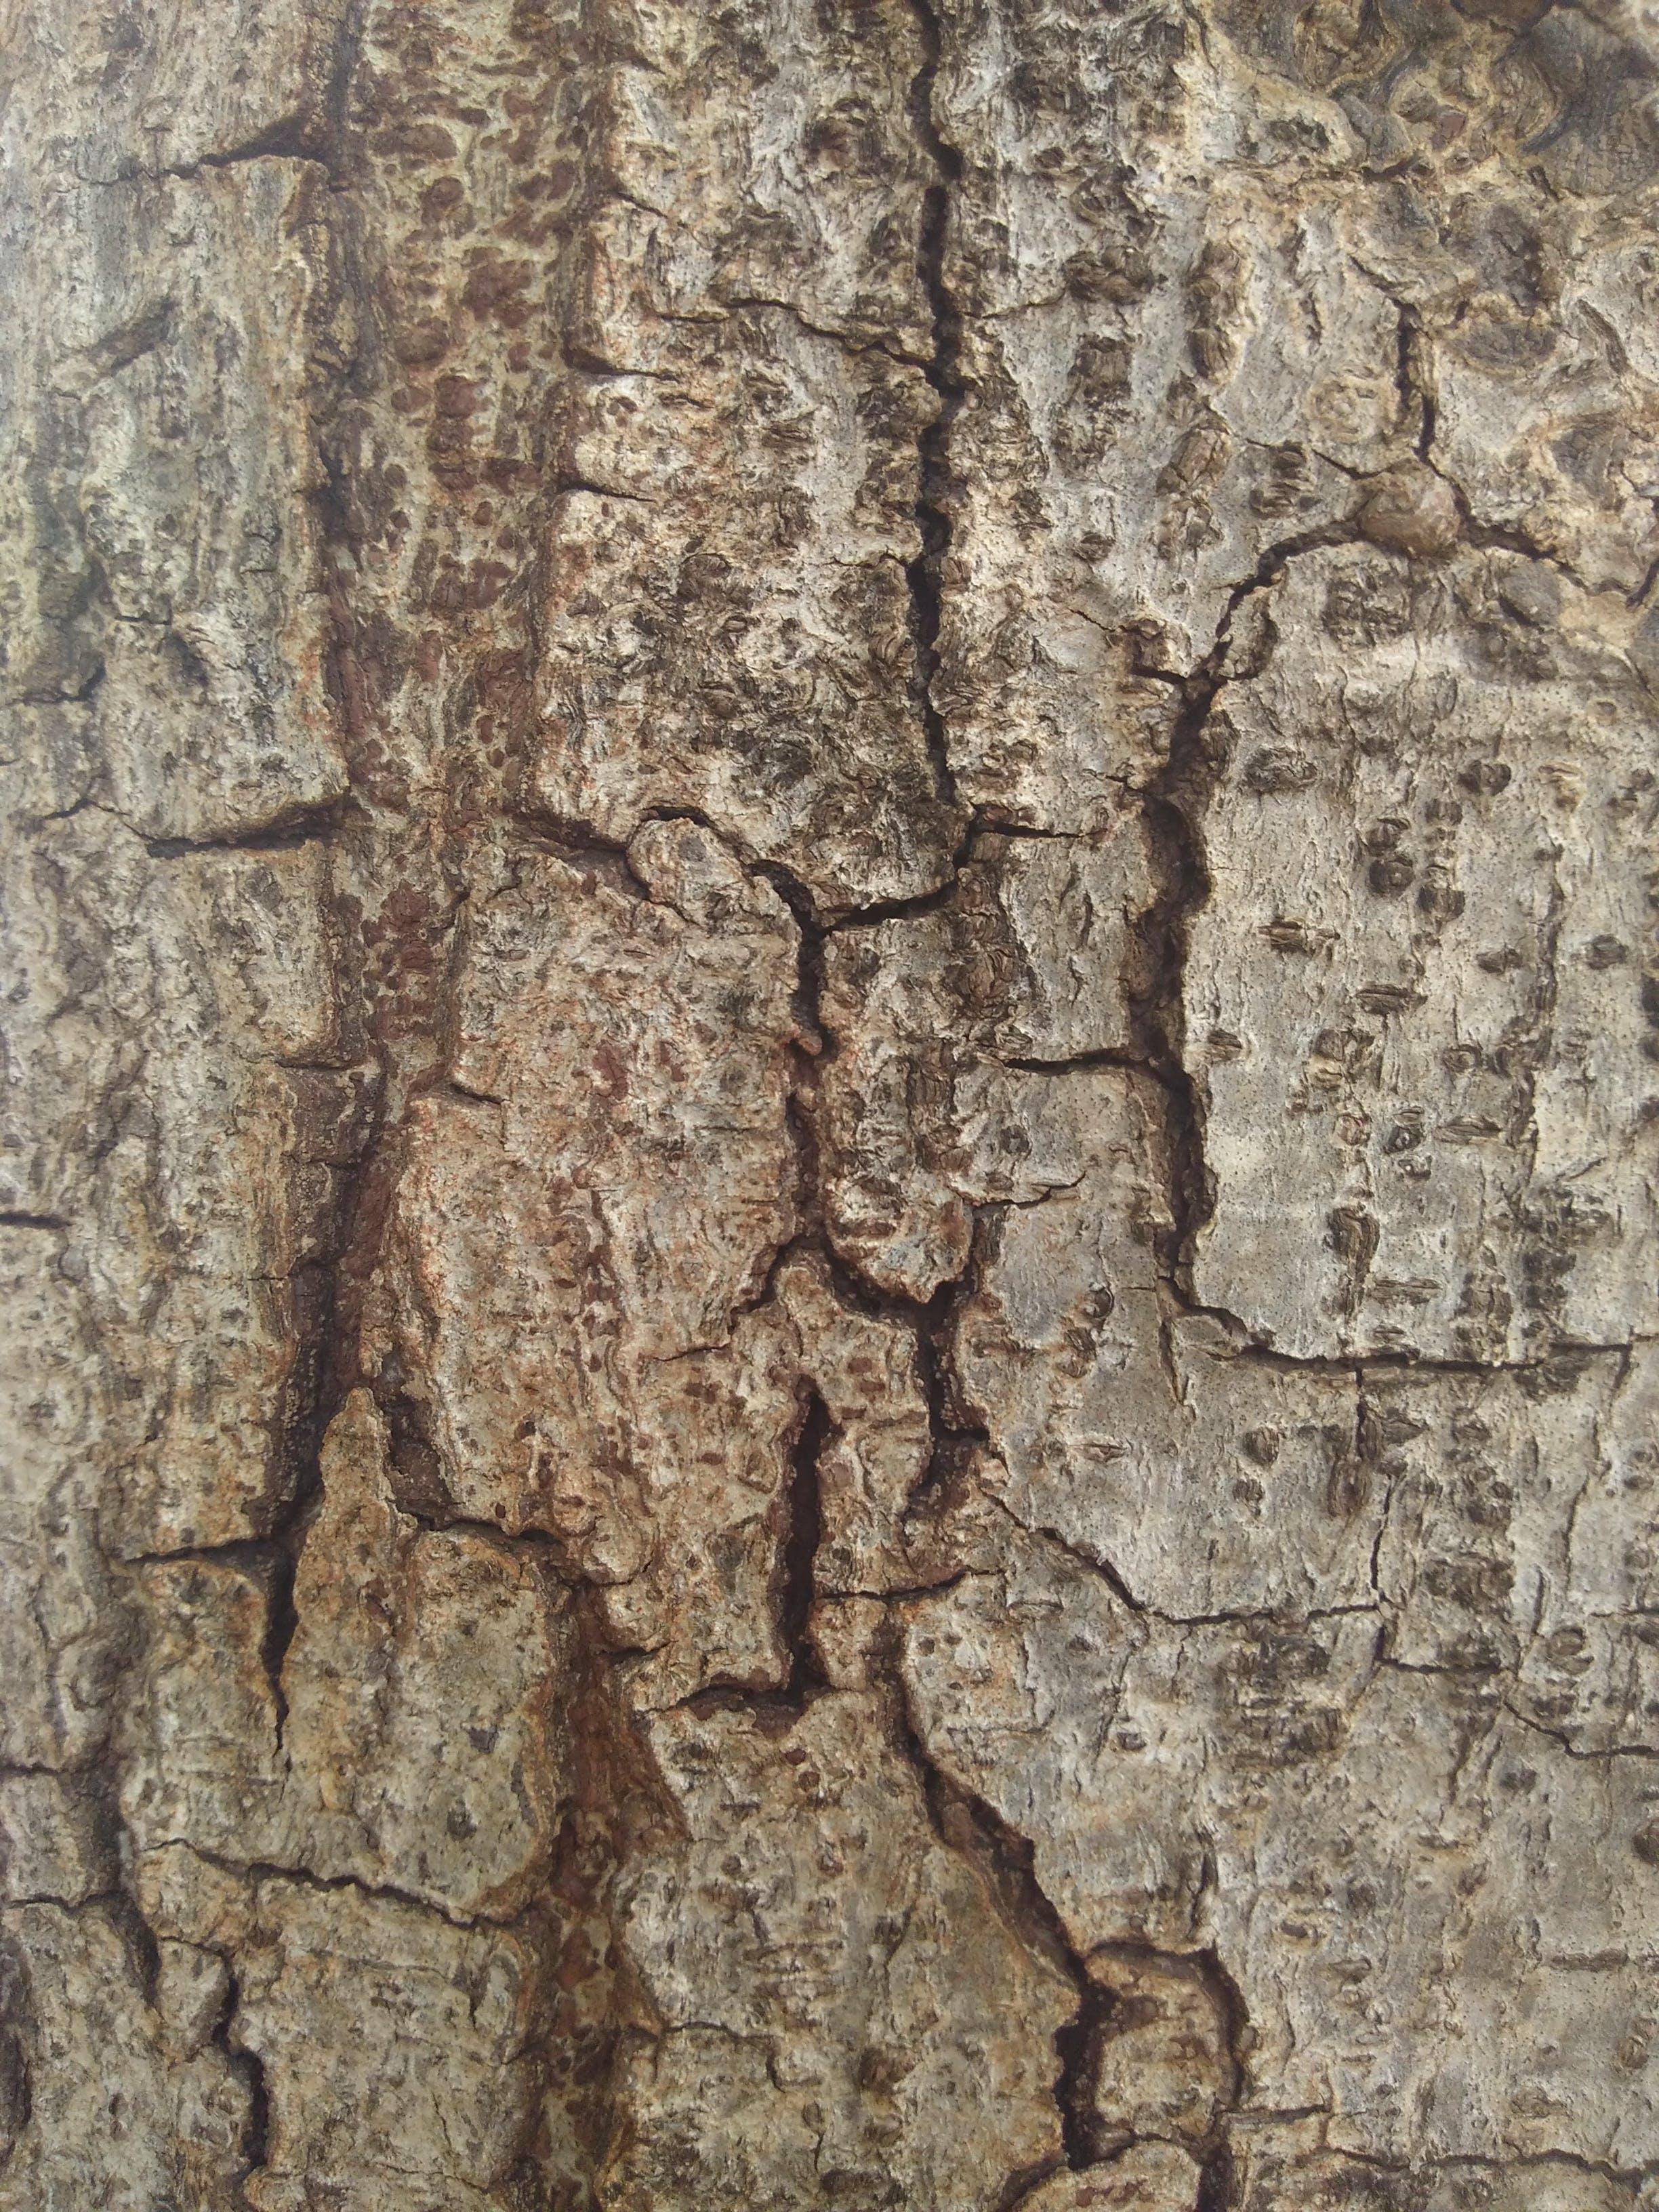 Δωρεάν στοκ φωτογραφιών με κορμός δέντρου